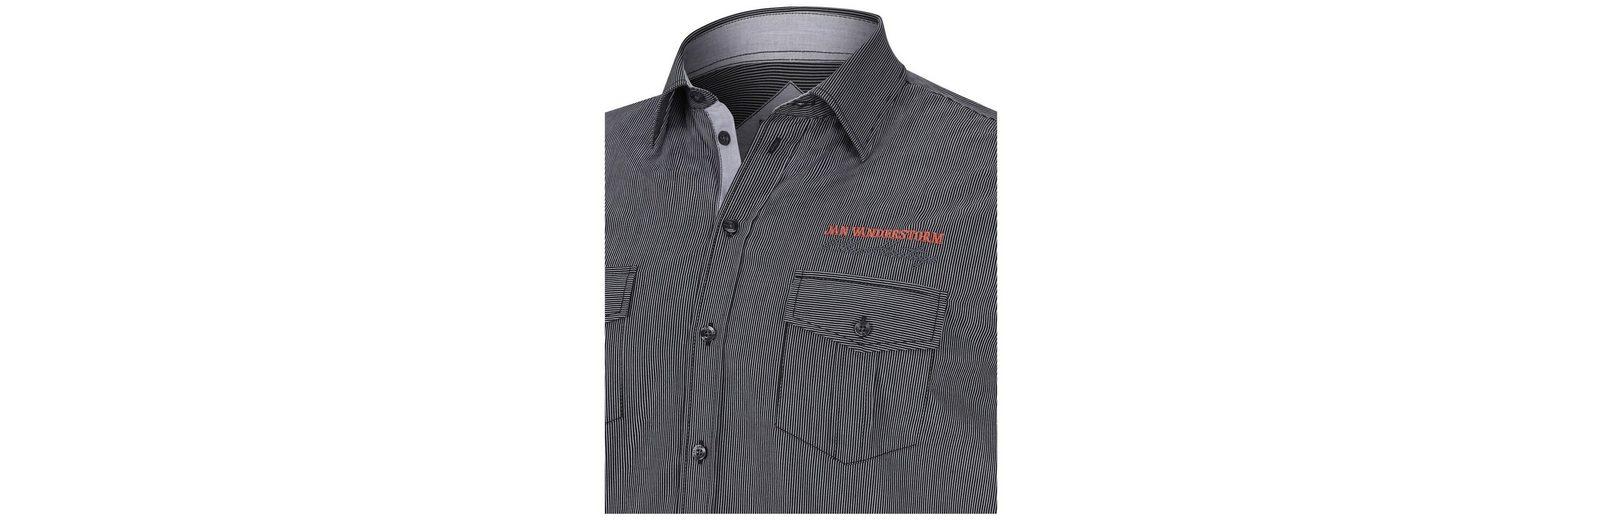 Manchester Großer Verkauf Günstig Online Professionel Jan Vanderstorm Kurzarmhemd AABEL Die Besten Preise Günstig Online uhZKm5hHw